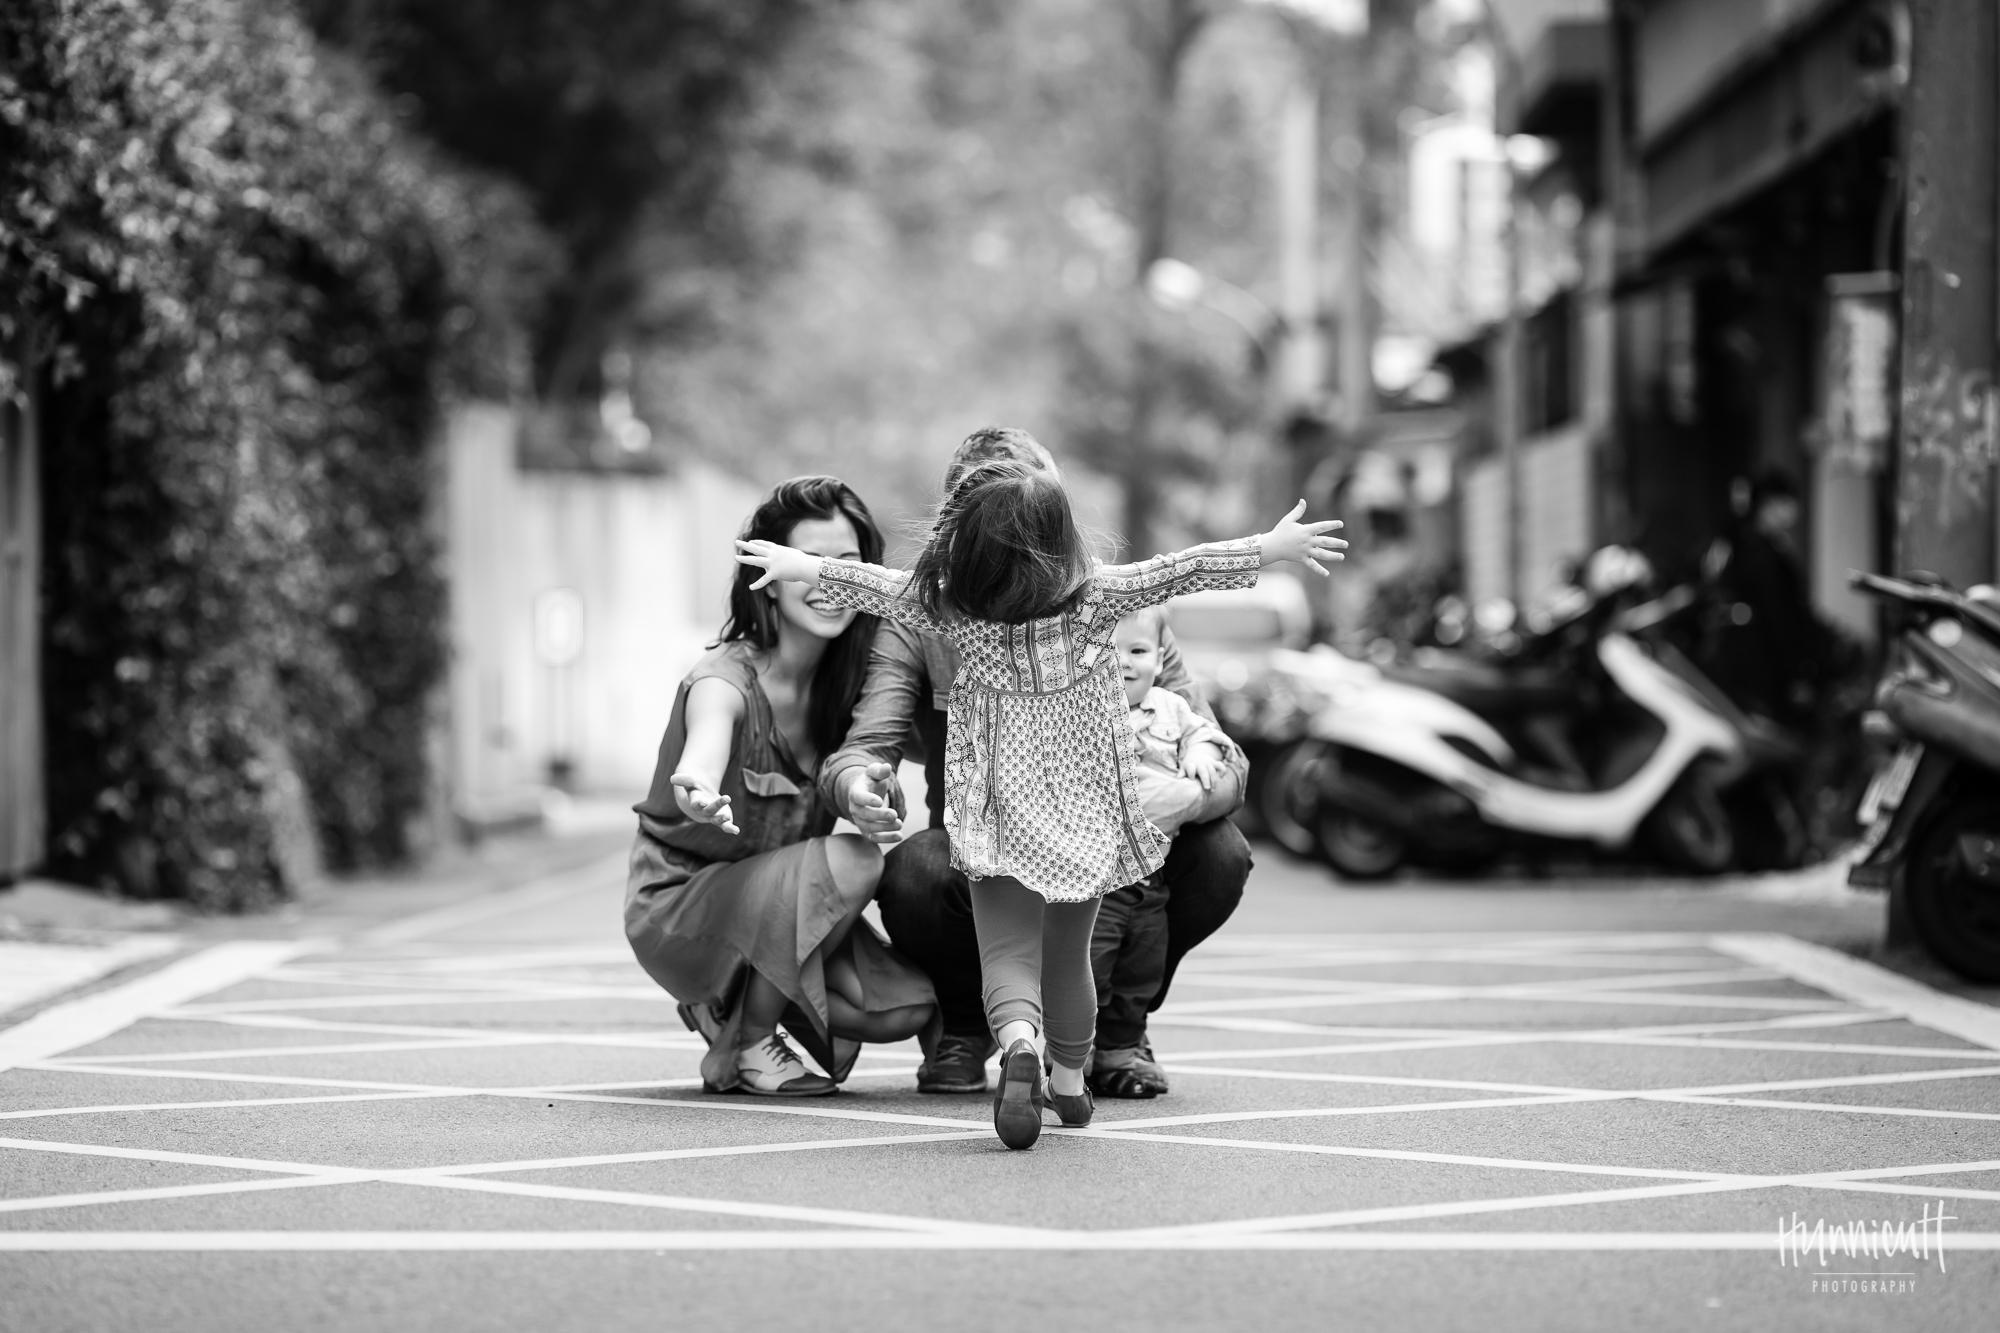 Taiwan-Urban-Lifestle-Duck-Family-HunnicuttPHotography-18